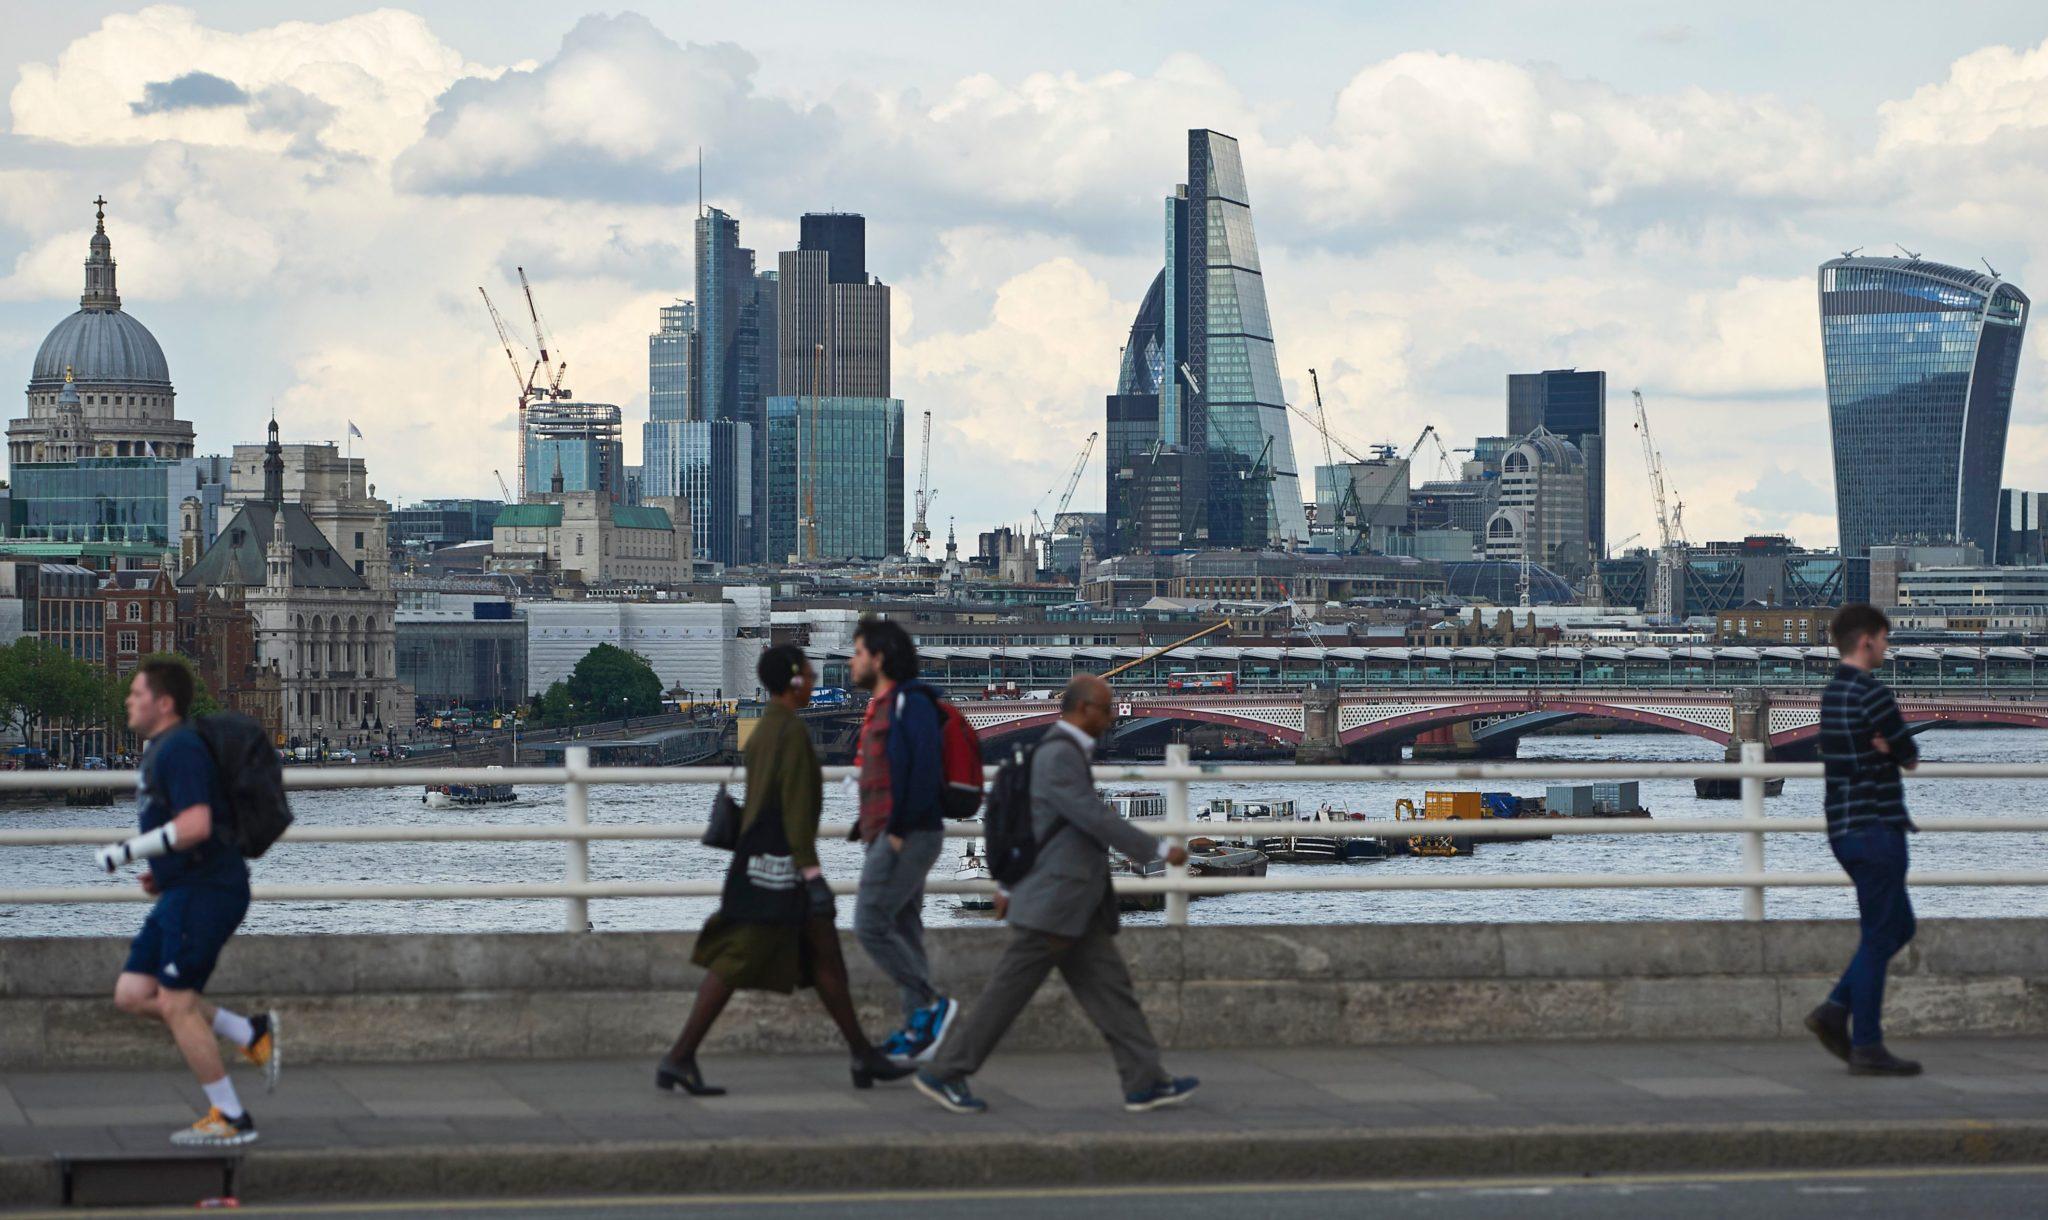 Google Hoofdkwartier Londen : Brexodus? ing verhuist juist banen naar londen elsevierweekblad.nl